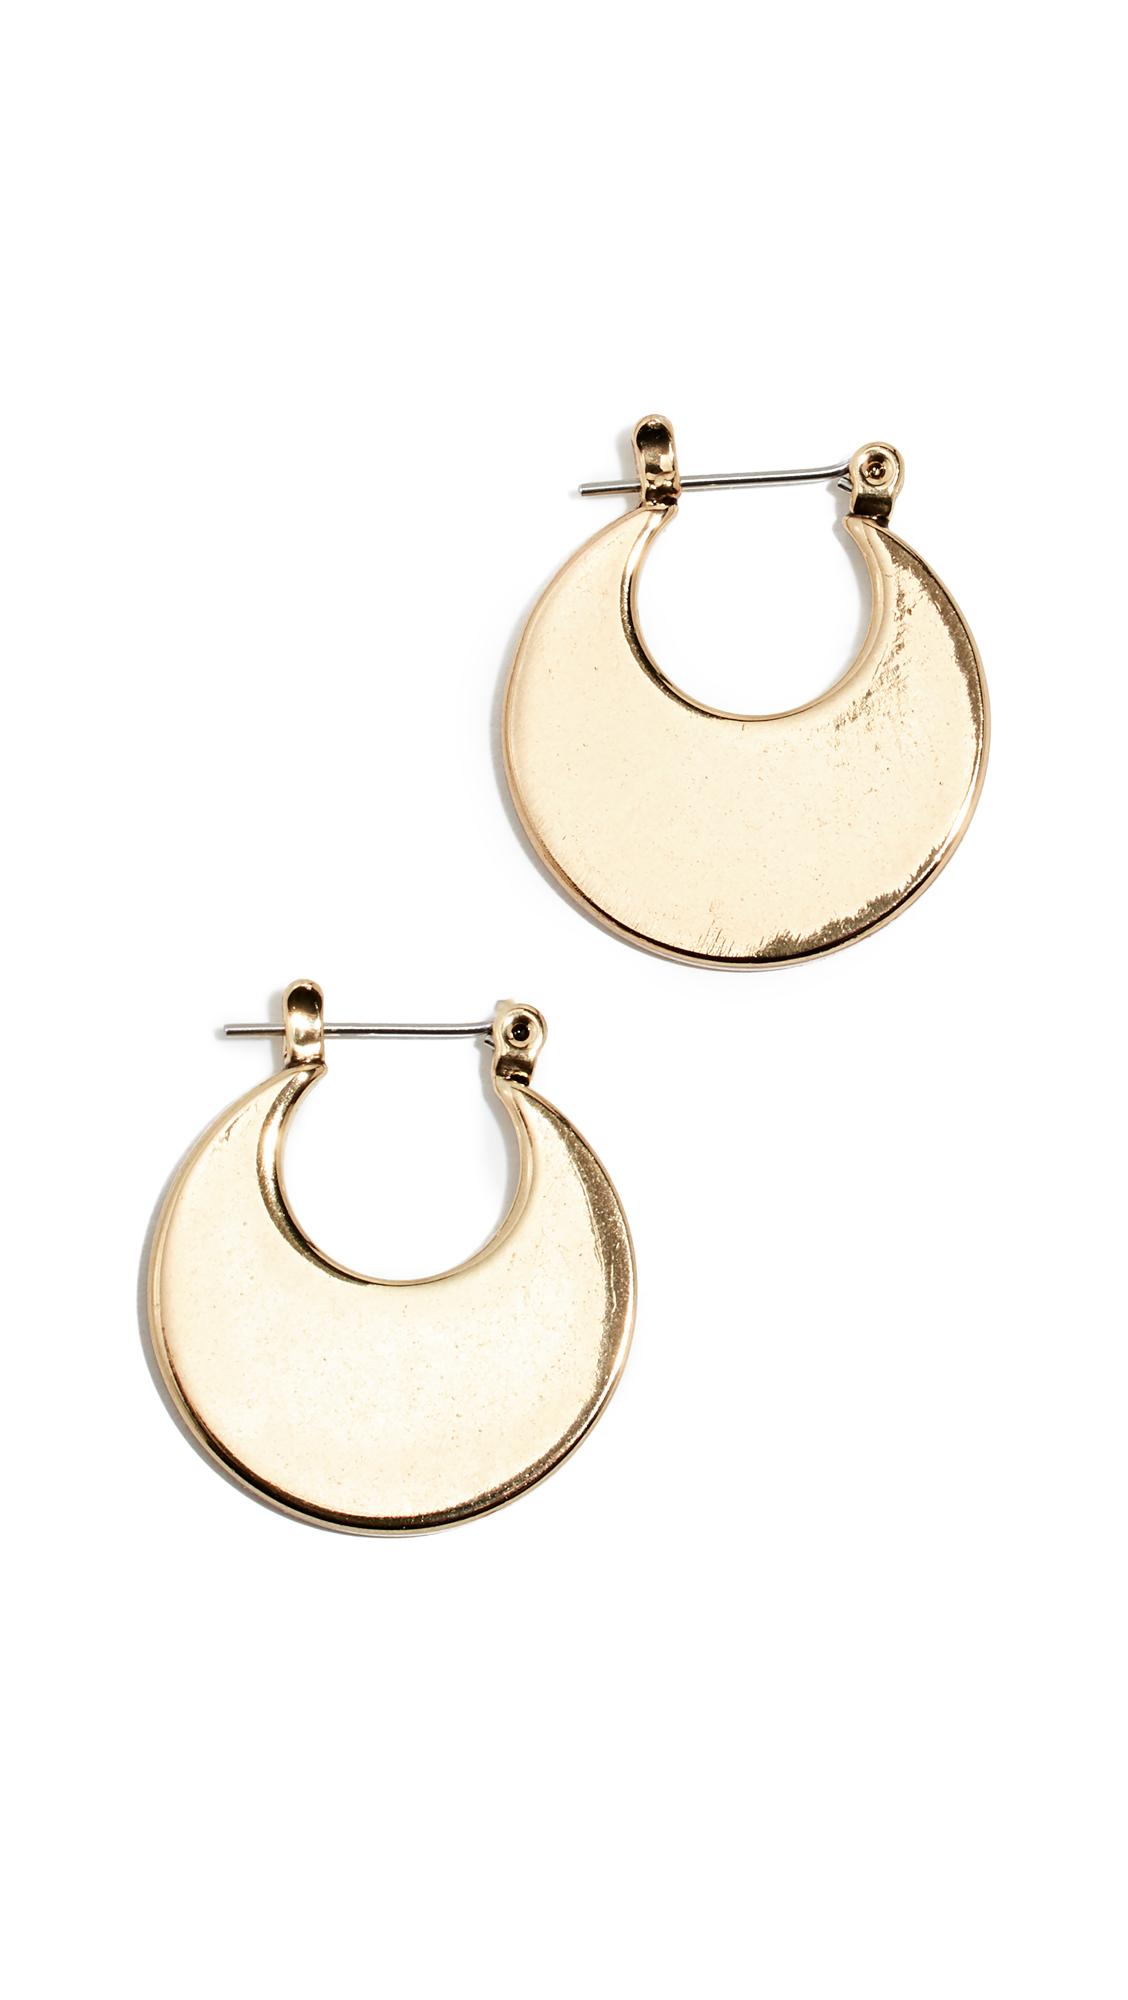 LUV AJ Eliptical Hoop Earrings in Gold